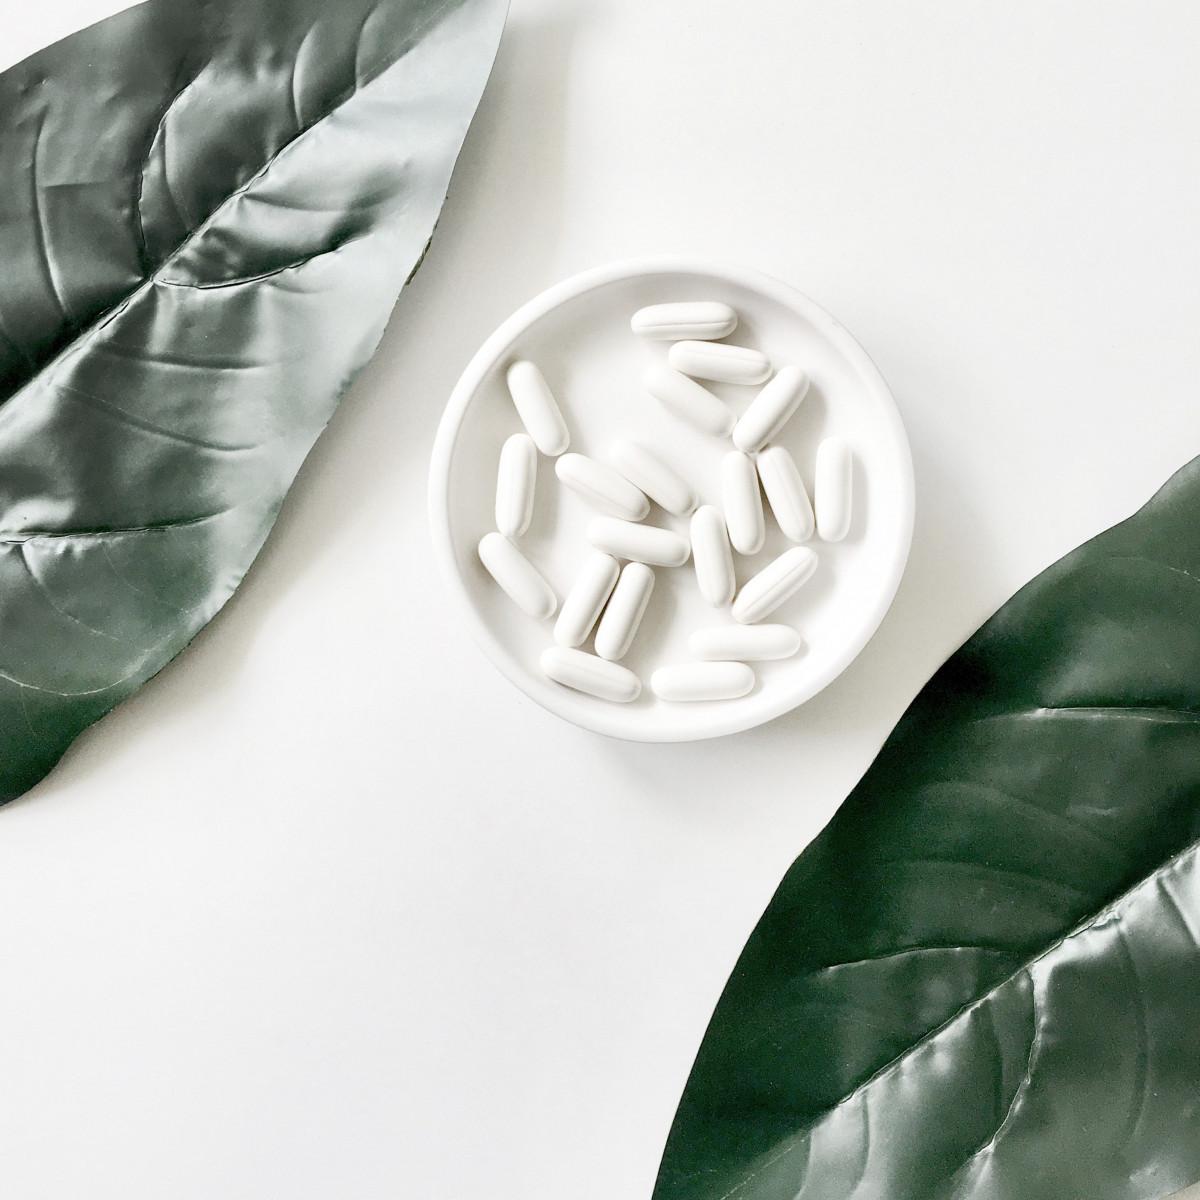 #Podcast : Passer le cap de la contraception naturelle avec Eugénie Tabi